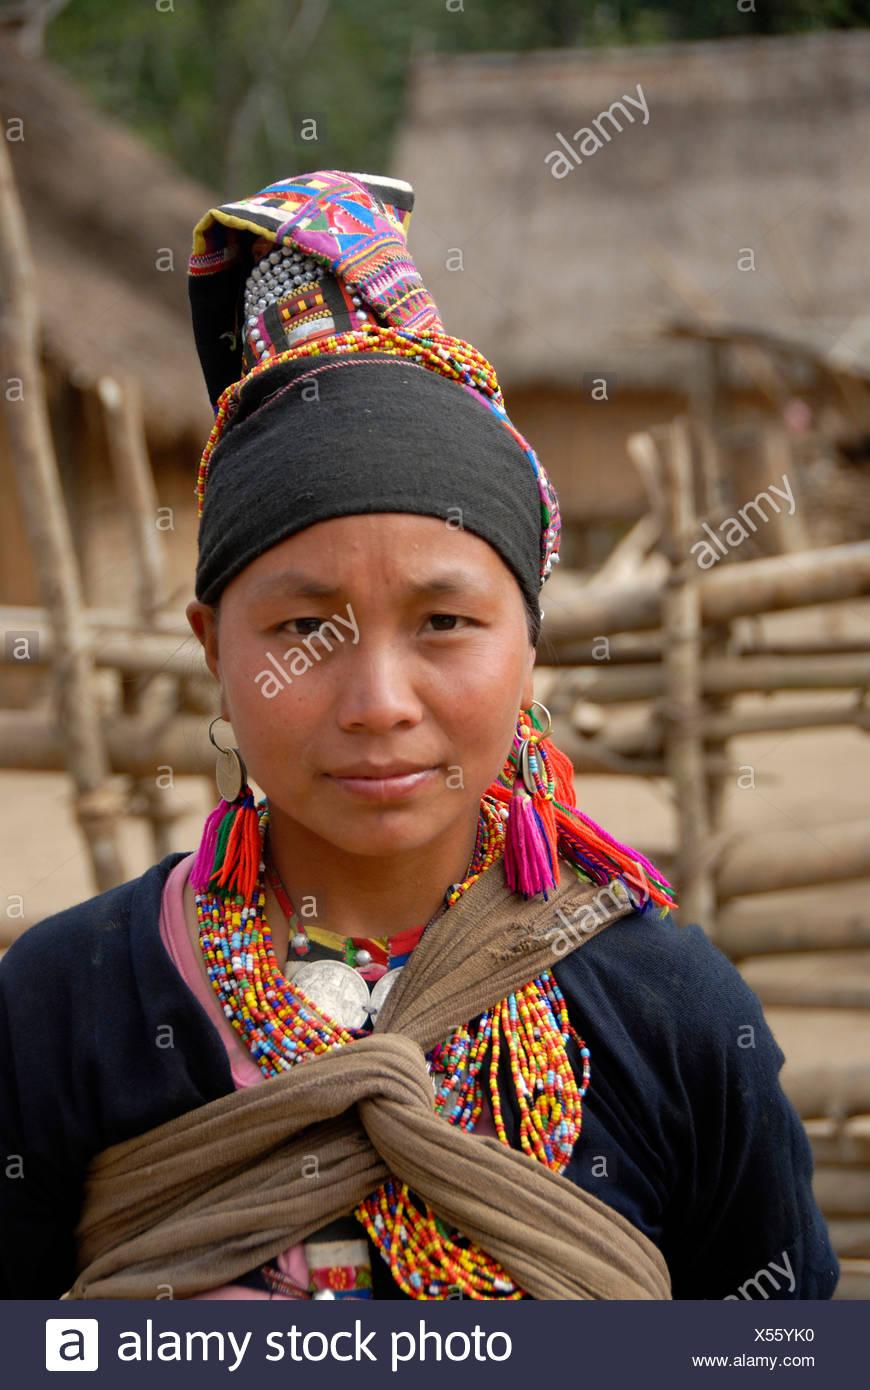 Ritratto di giovane donna Akha Loma gruppo etnico, tradizionale costume nero, colorfully ricamati, cappuccio, catene colorate Immagini Stock